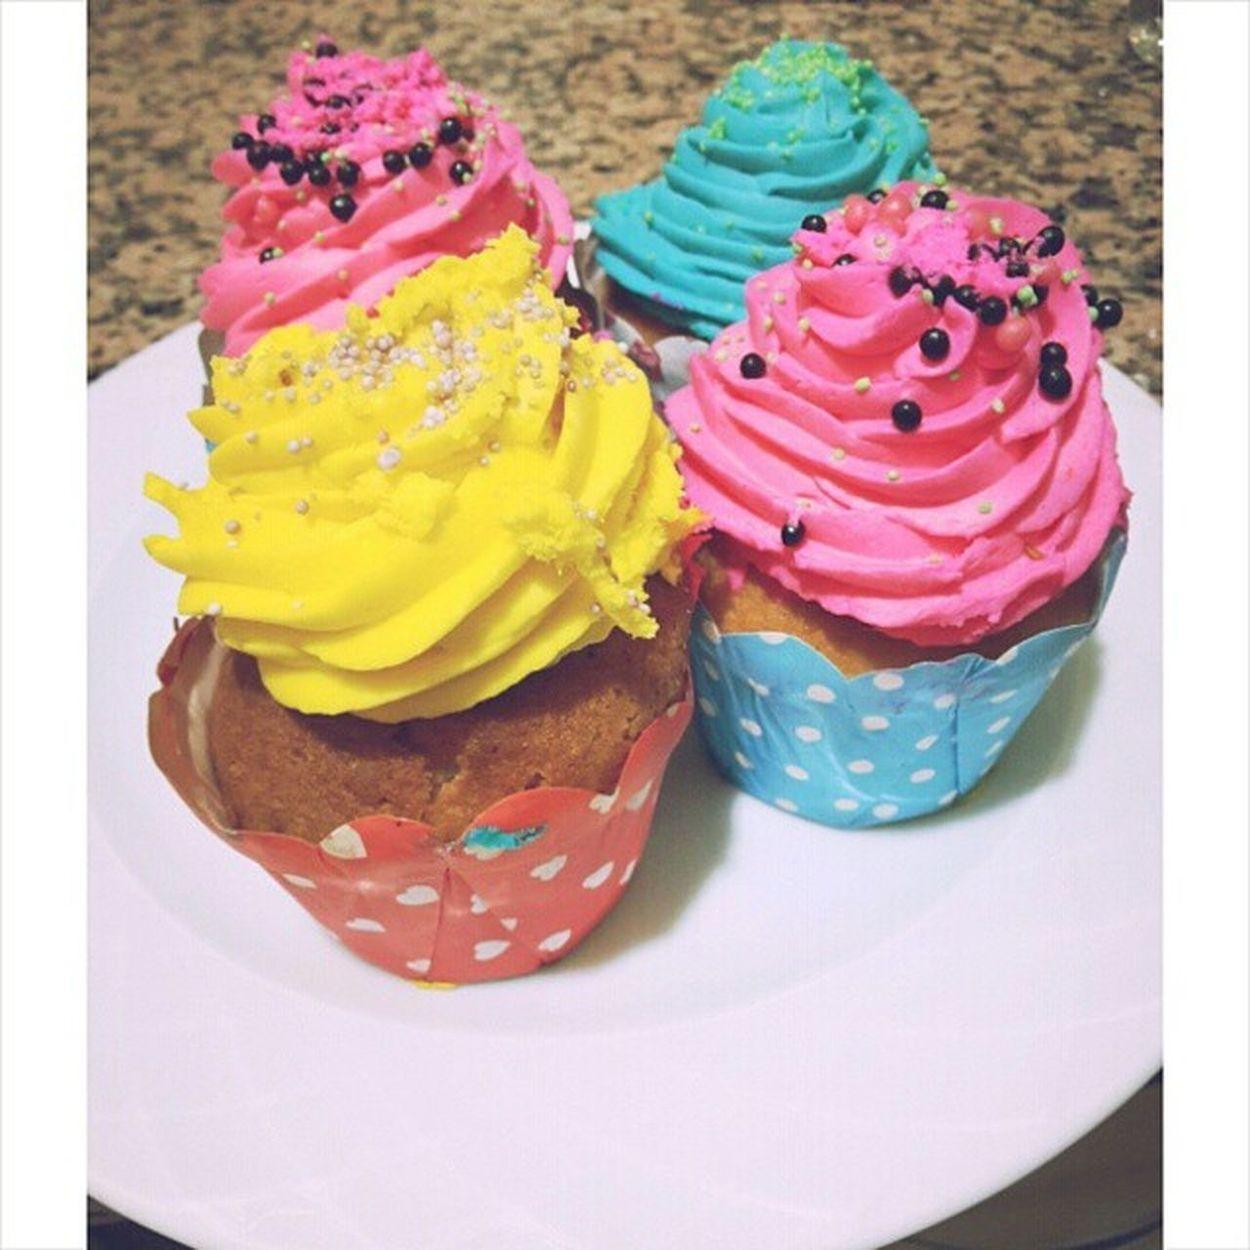 En sevdigim seyler Renklirenkli Cupcake Tabikiyemedim